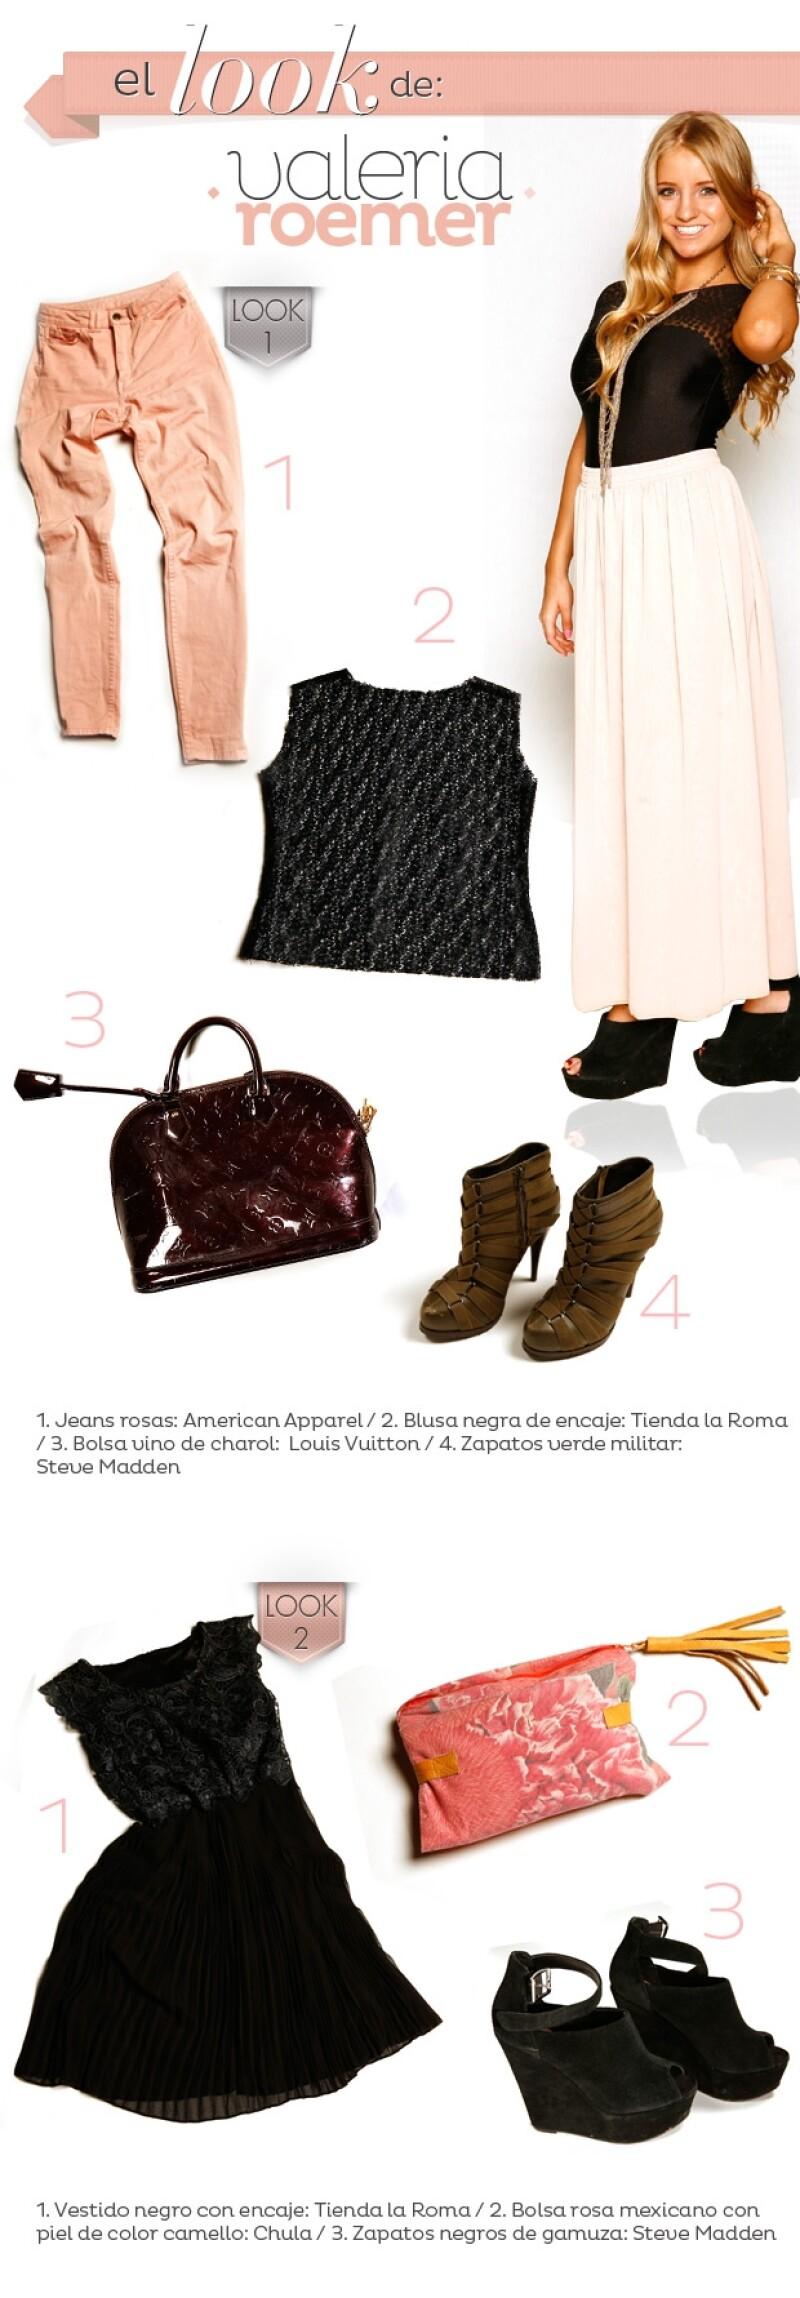 Su estilo es original, suele ir a las tiendas de la colonia Roma a buscar prendas de diseñadores internacionales poco conocidos y las combina con accesorios vintage.